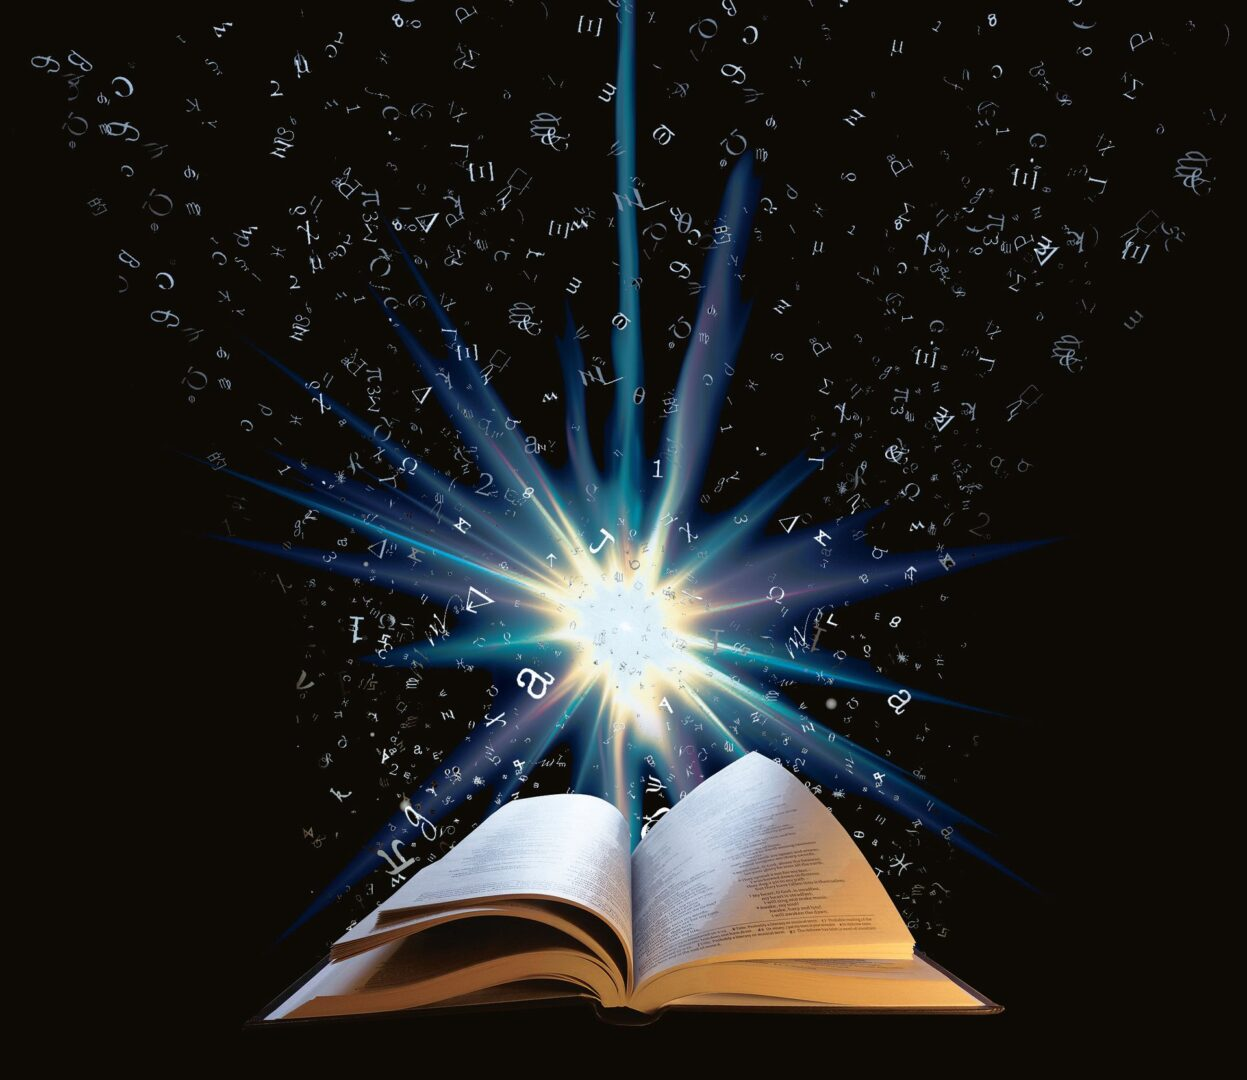 Sveto pismo je nepogrešljiv meditativni pripomoček.